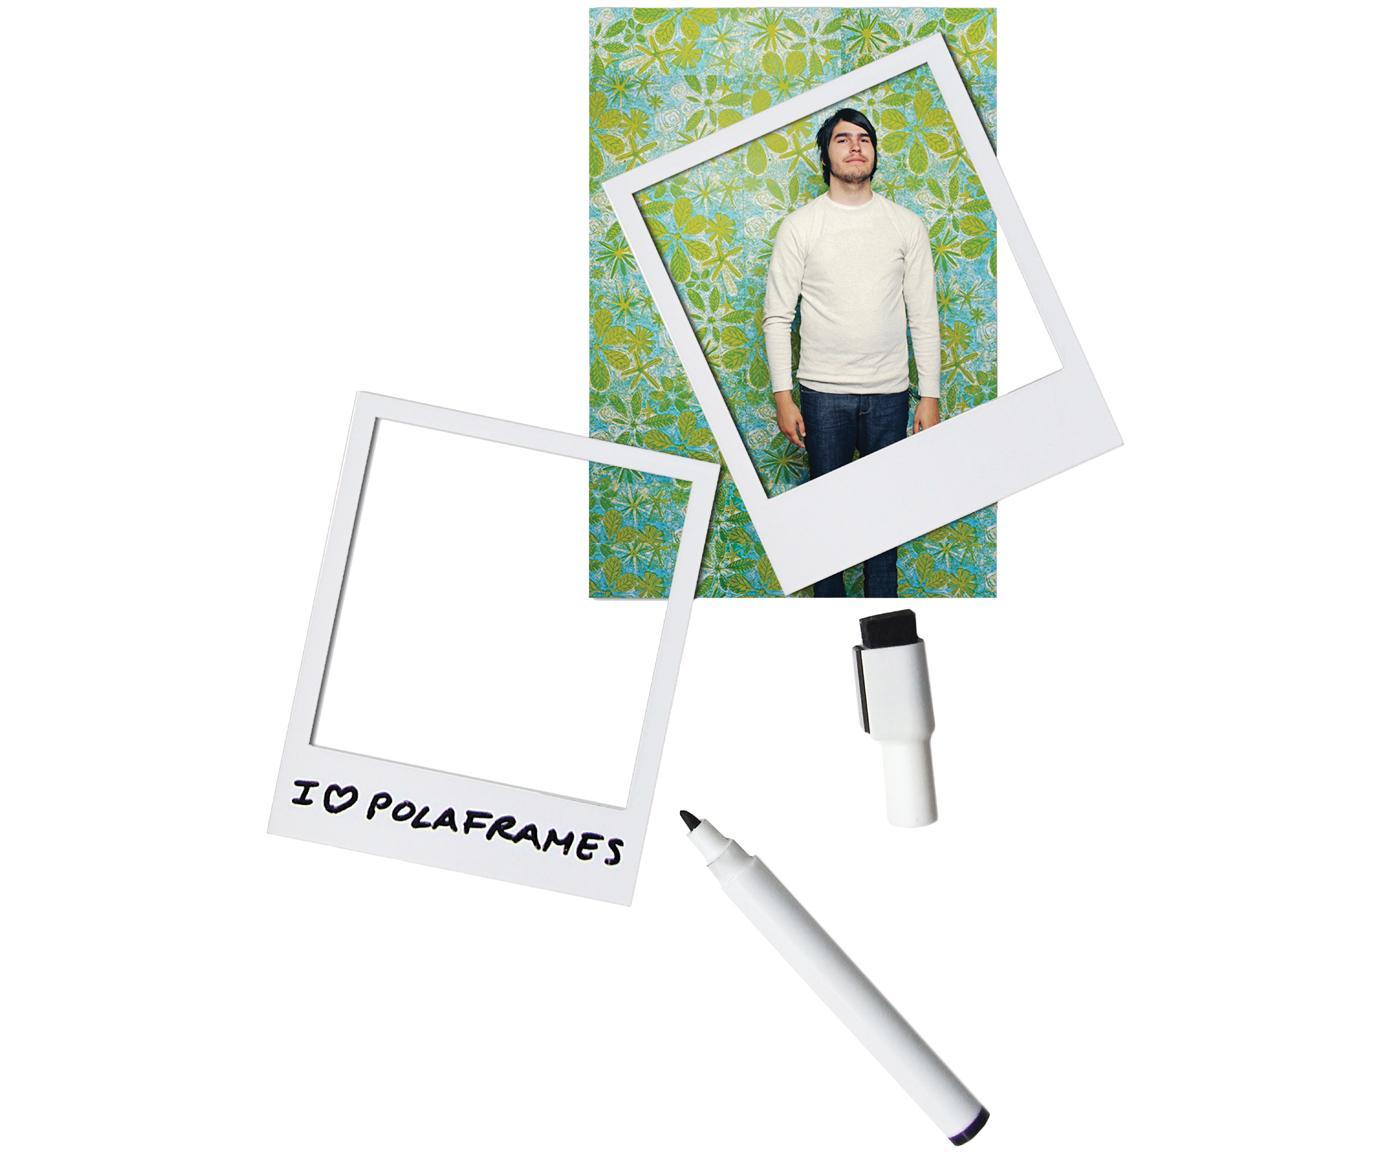 Bilderrahmen-Set Classic, 6-tlg., Vorderseite: PVC, Rückseite: Magnet, Weiß, 6 x 9 cm